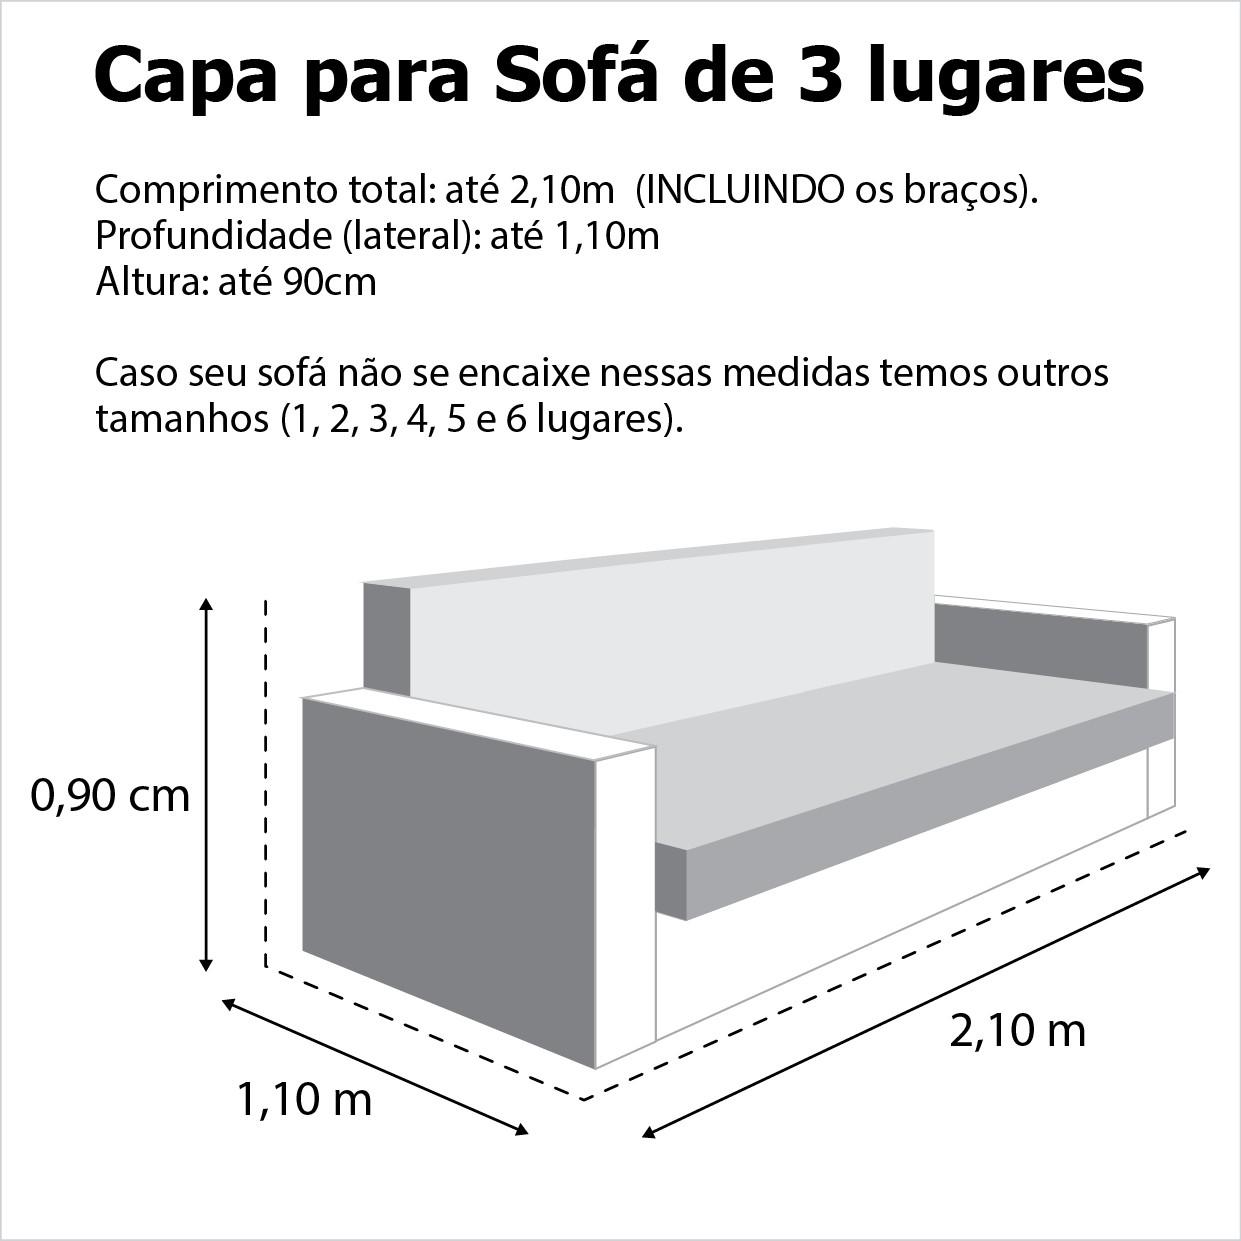 Capa p/ Sofá de 3 Lug CRUA em Acquablock Impermeável